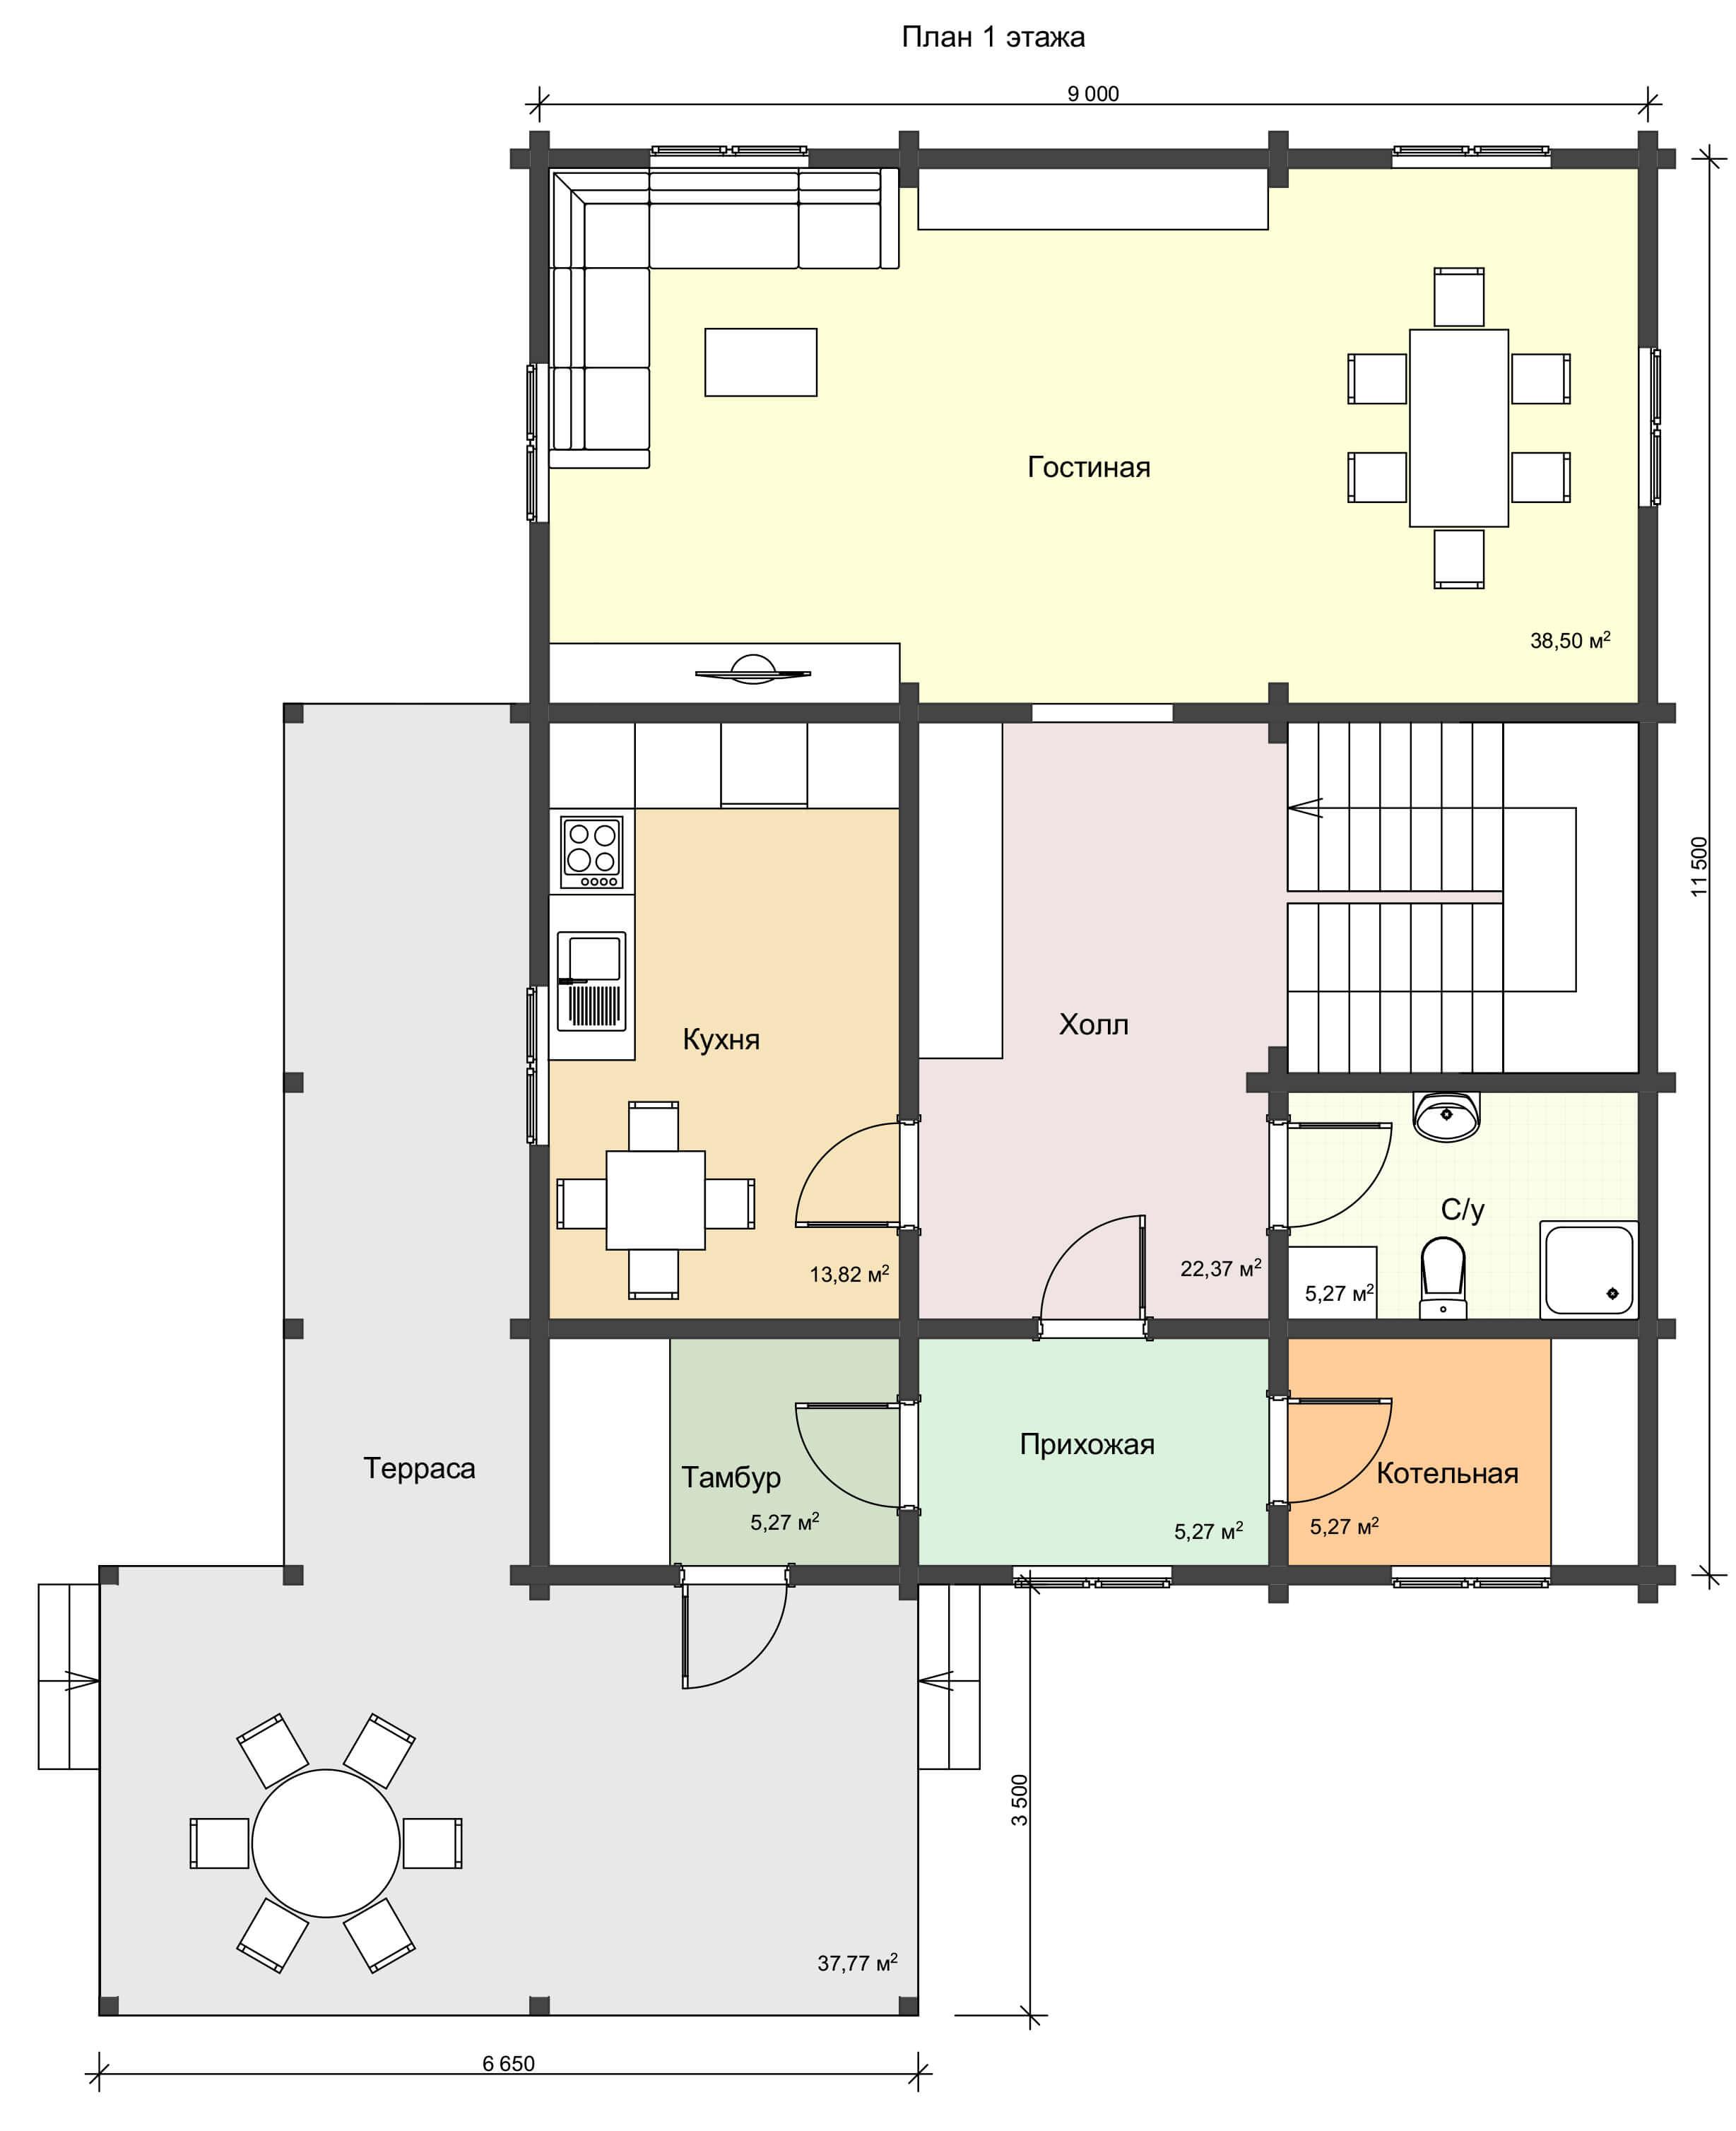 План 1 этажа большого дома из профилированного бруса 220 м